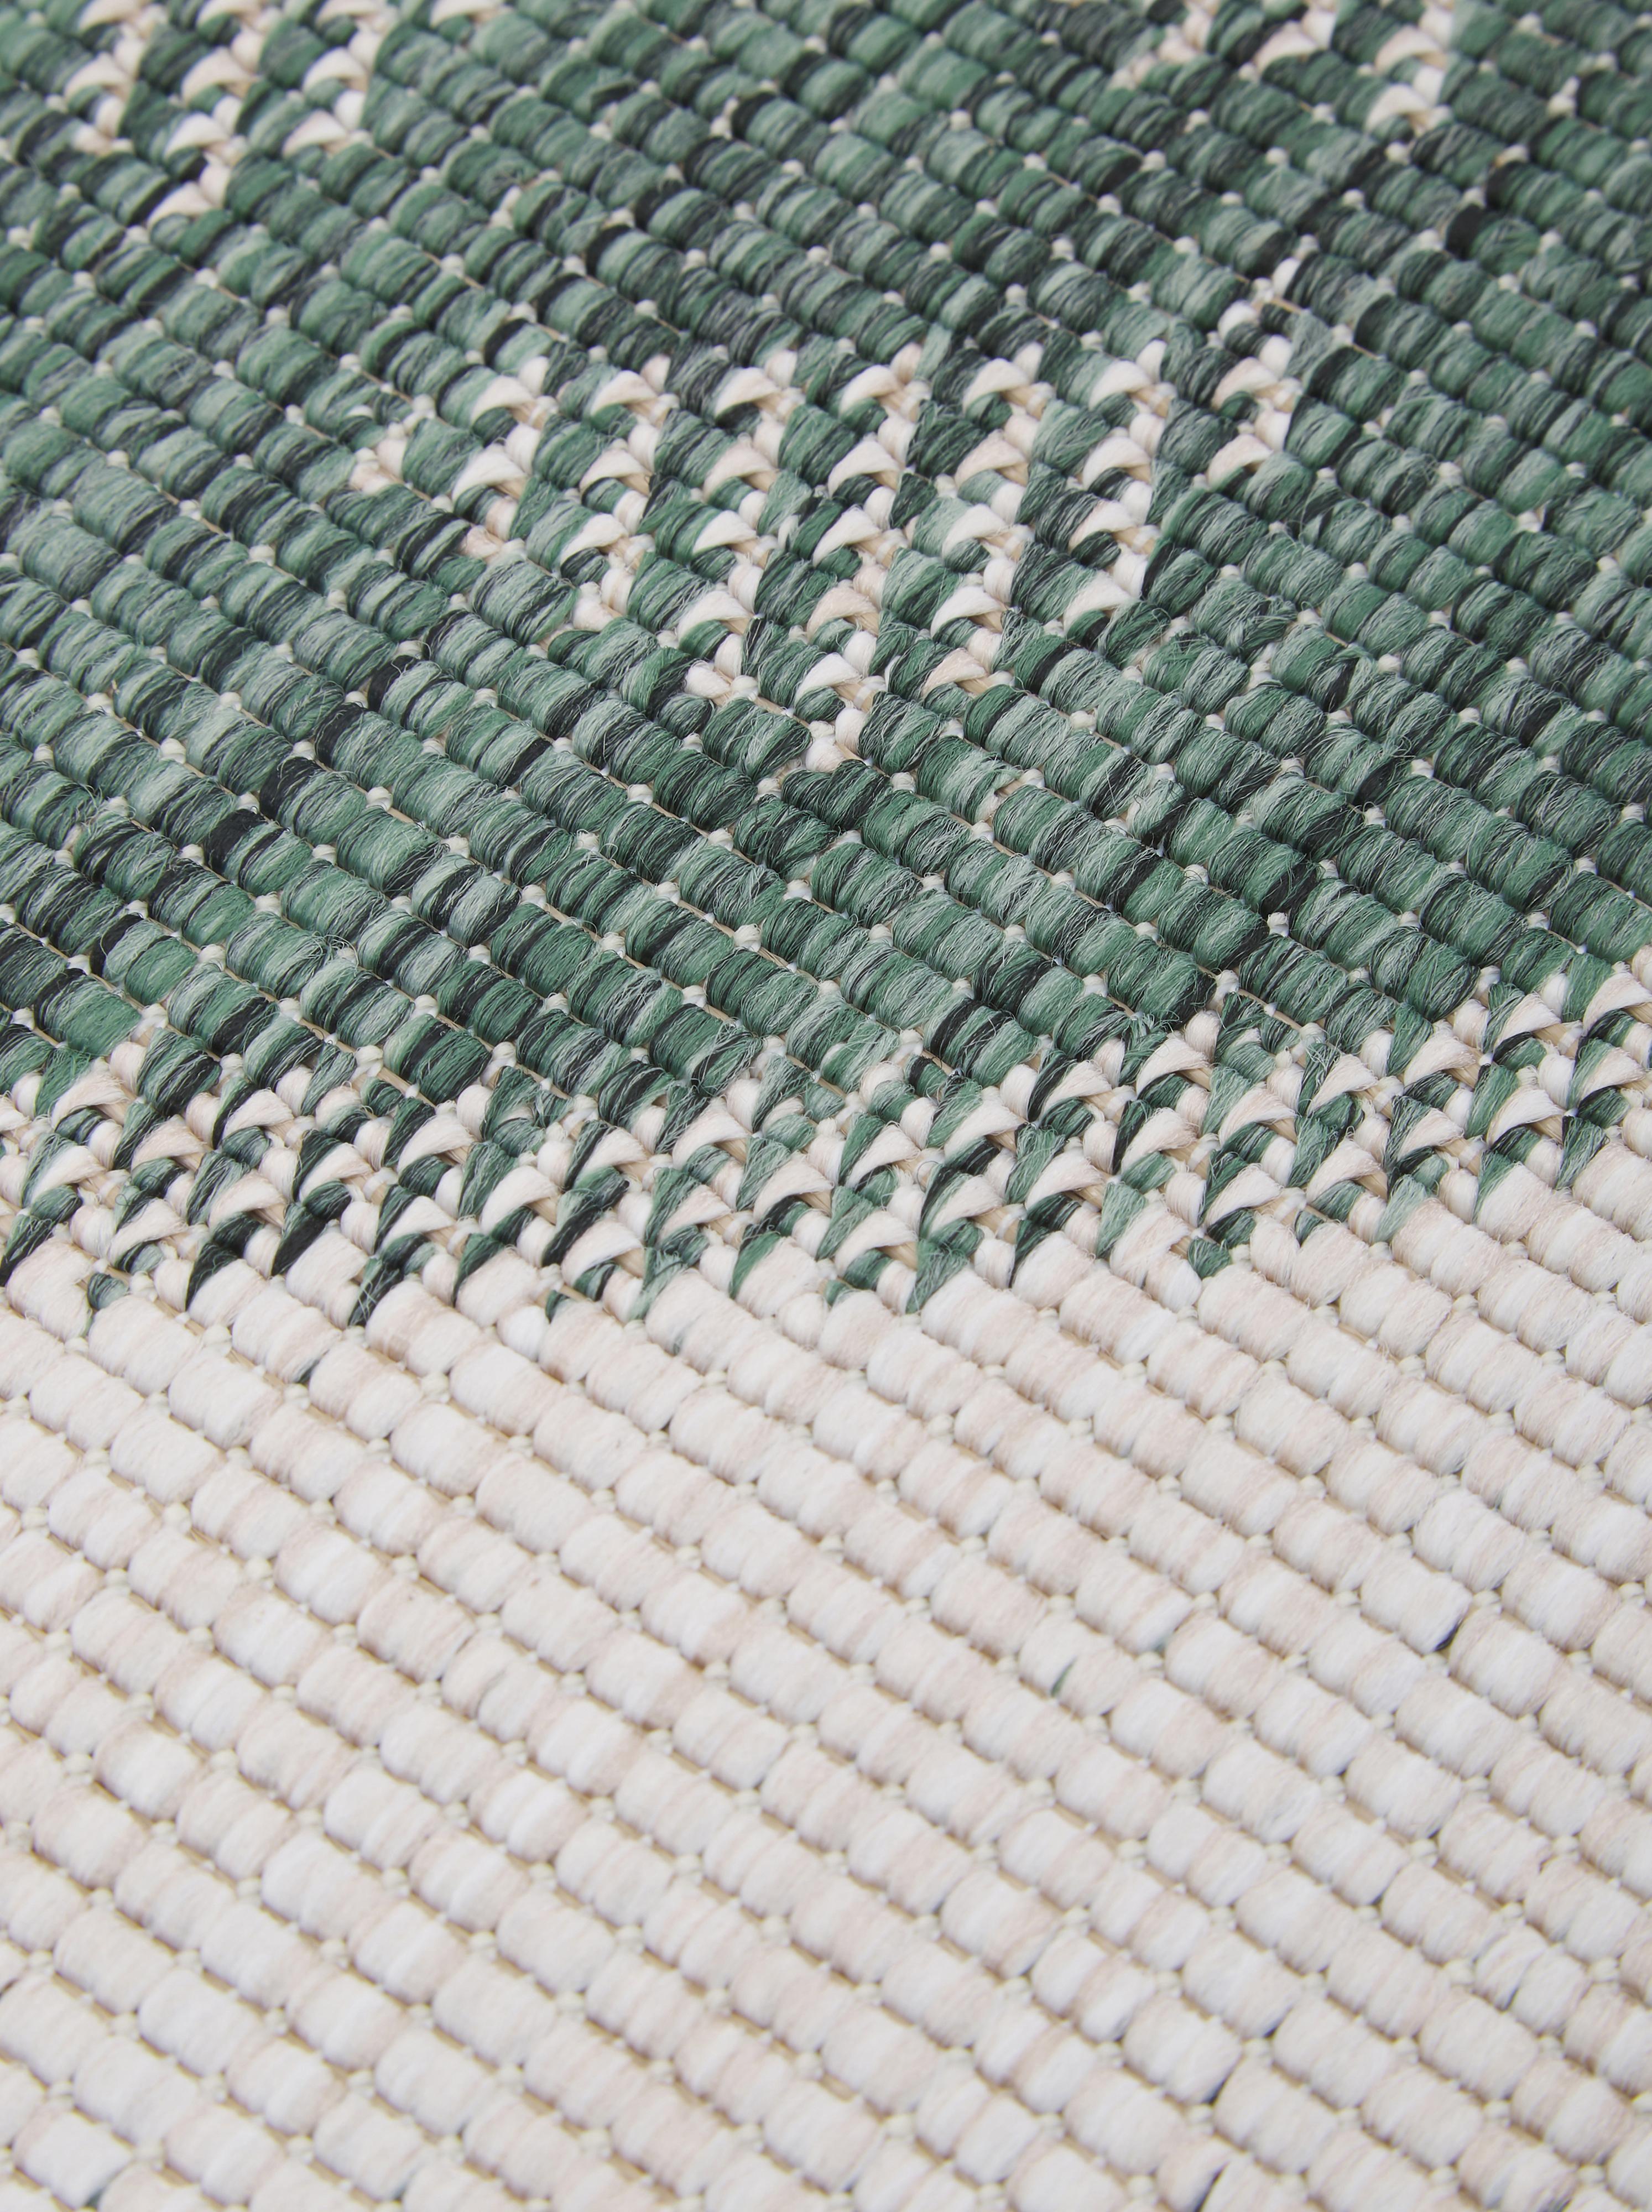 Rond dubbelzijdig in- en outdoor vloerkleed Jamaica in groen/crème kleur, Groen, crèmekleurig, Ø 200 cm (maat L)